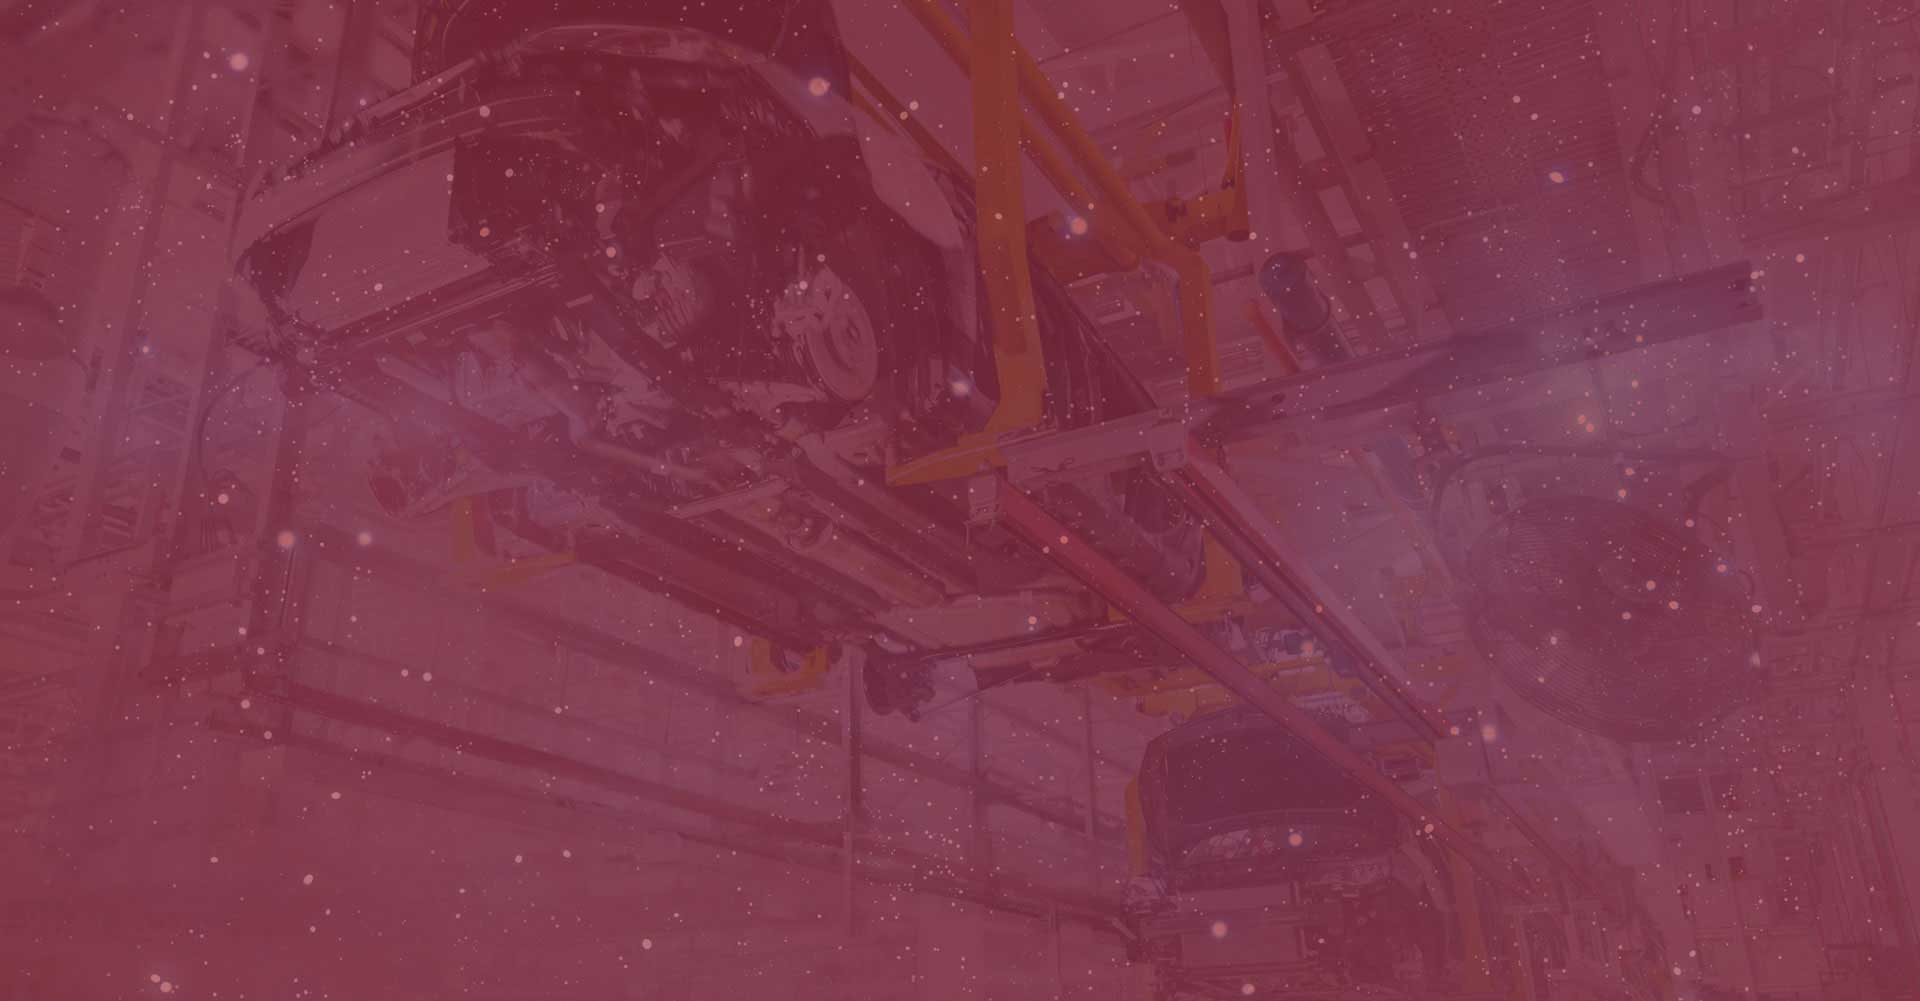 Siła napędowa firmy Balluff: Wspólnie stawać się coraz lepszymi - Innovating Automation -